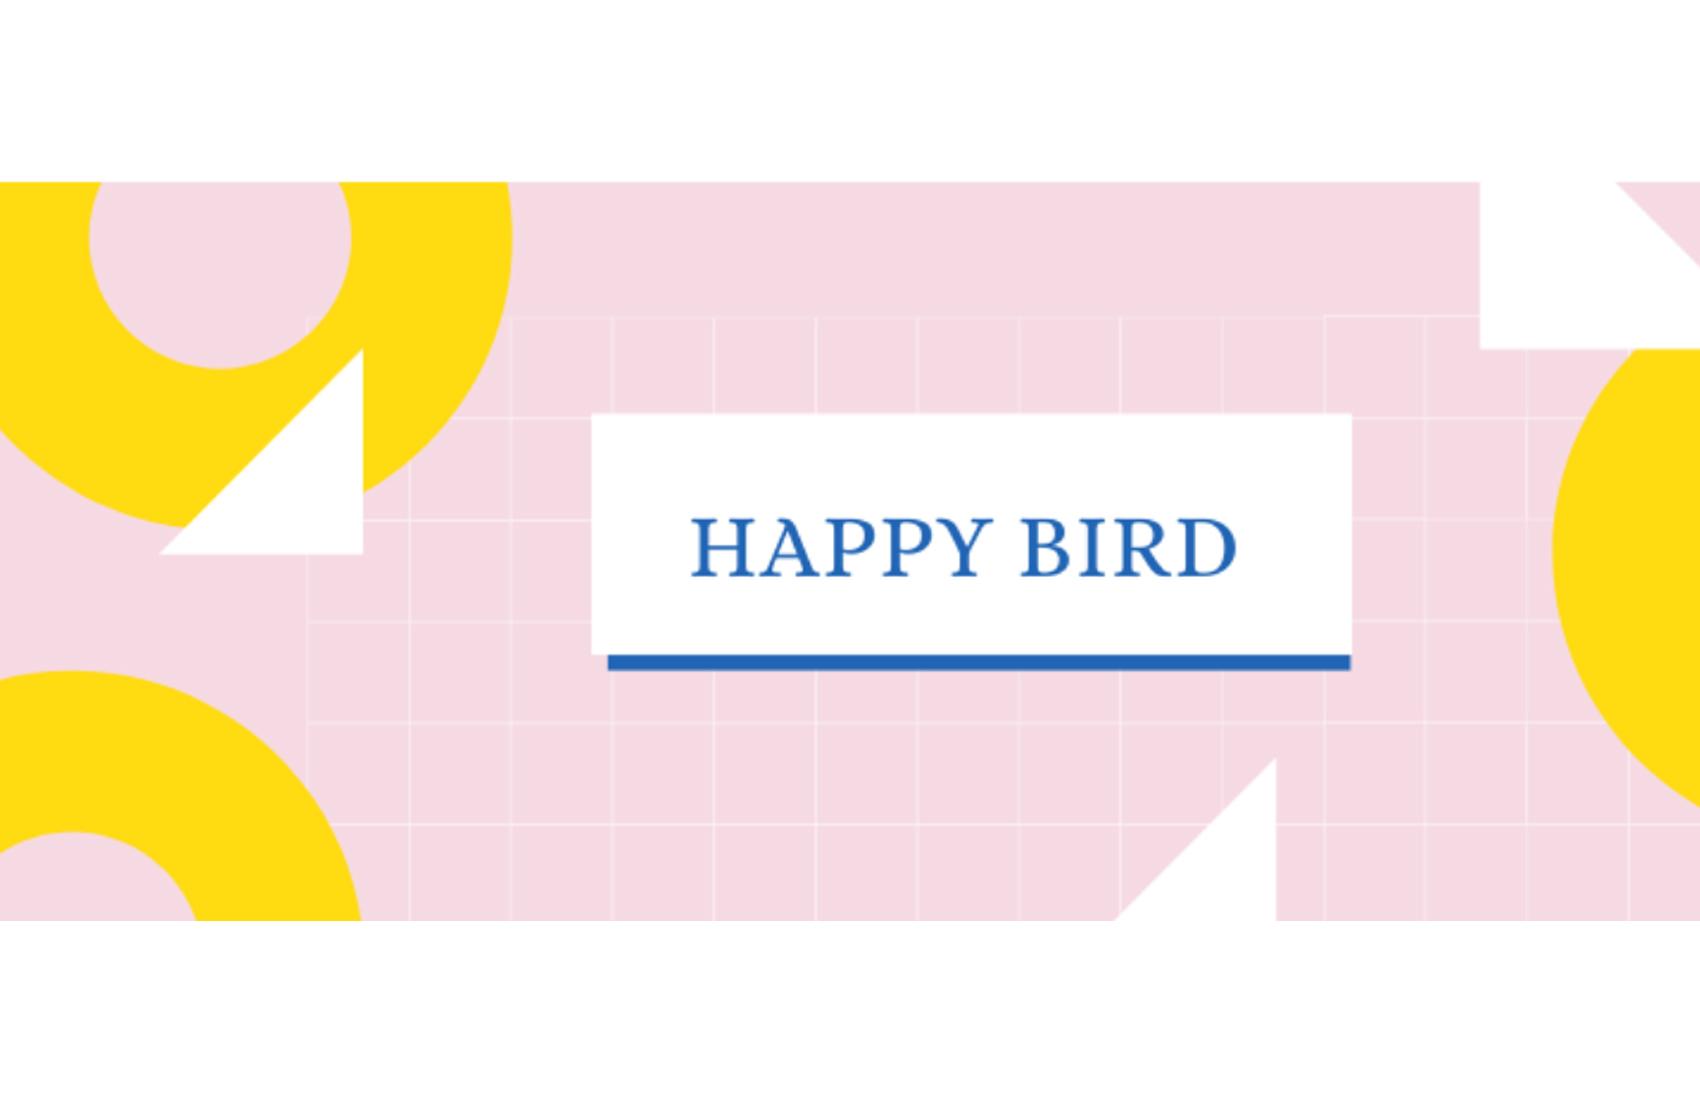 Happy bird